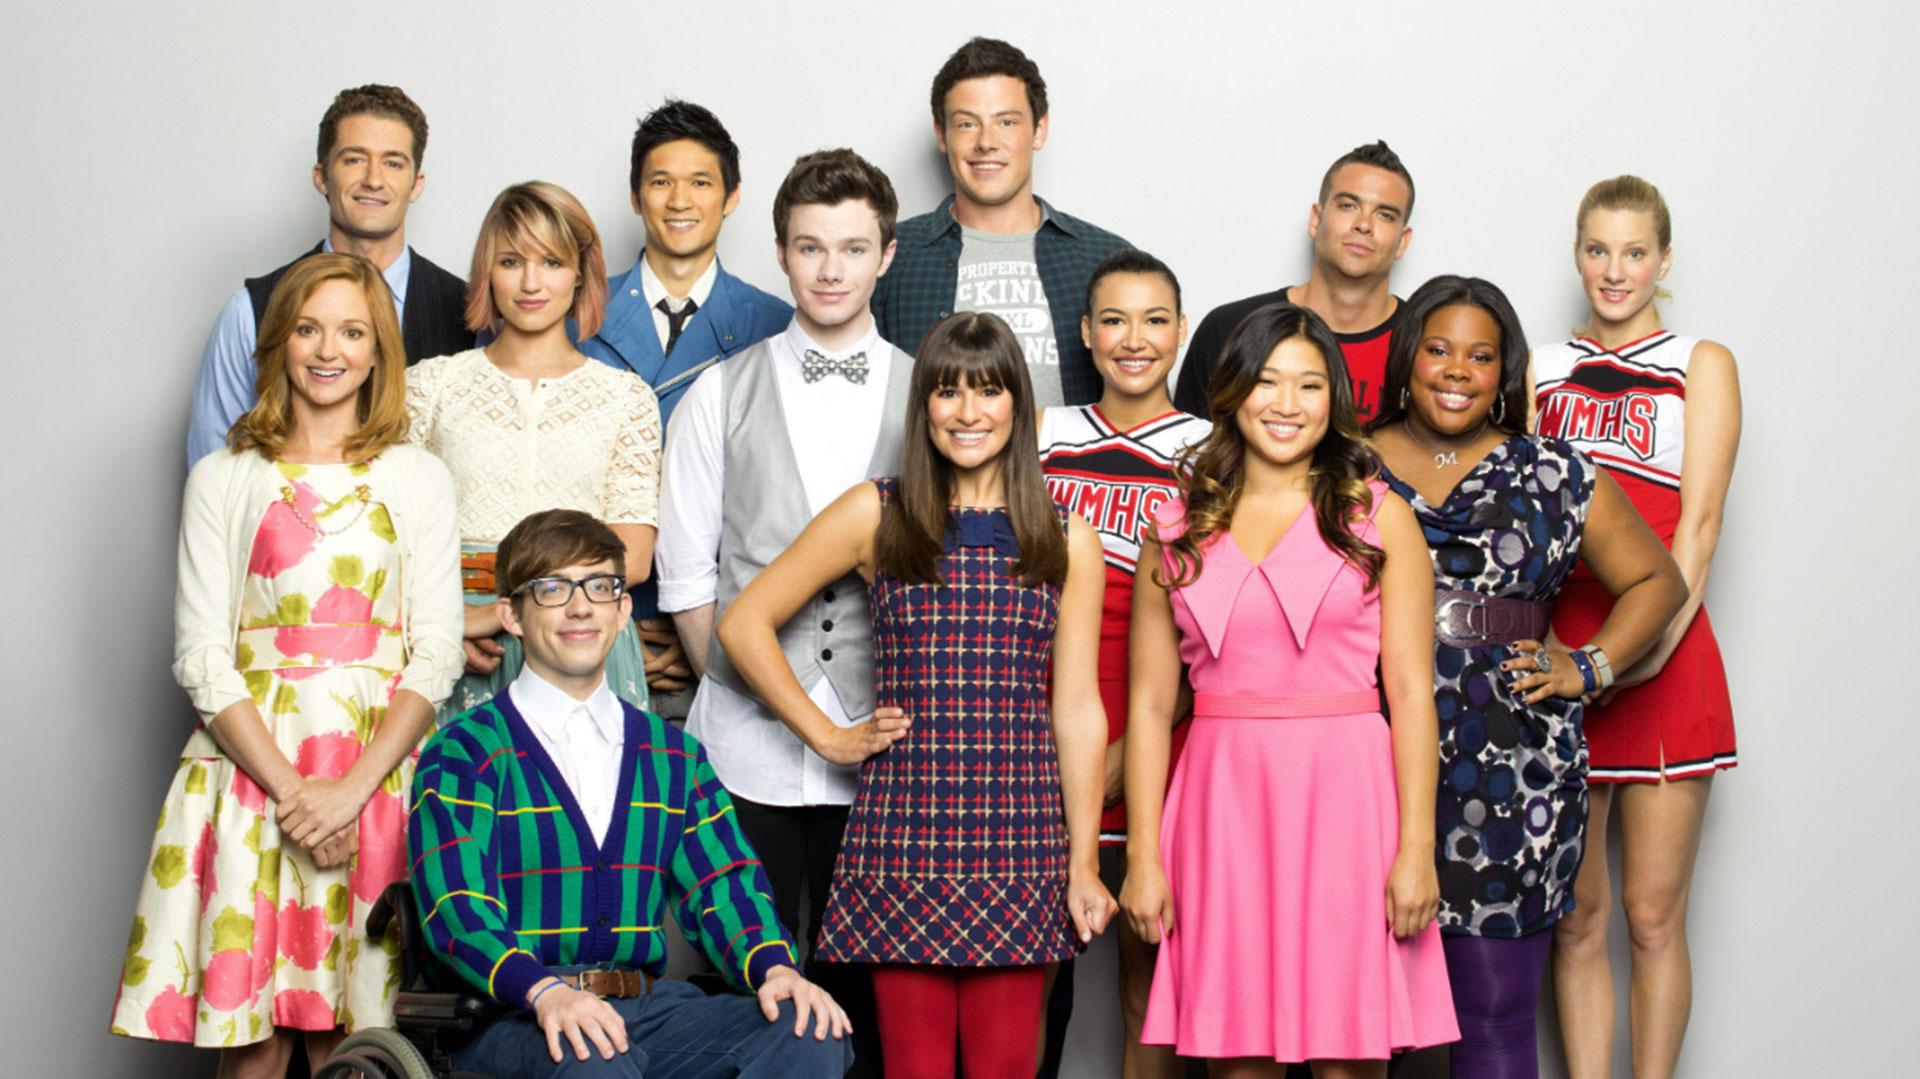 El elenco de Glee, con Corey Monteith en el centro, parado, y Salling a su izquierda, con una remera roja